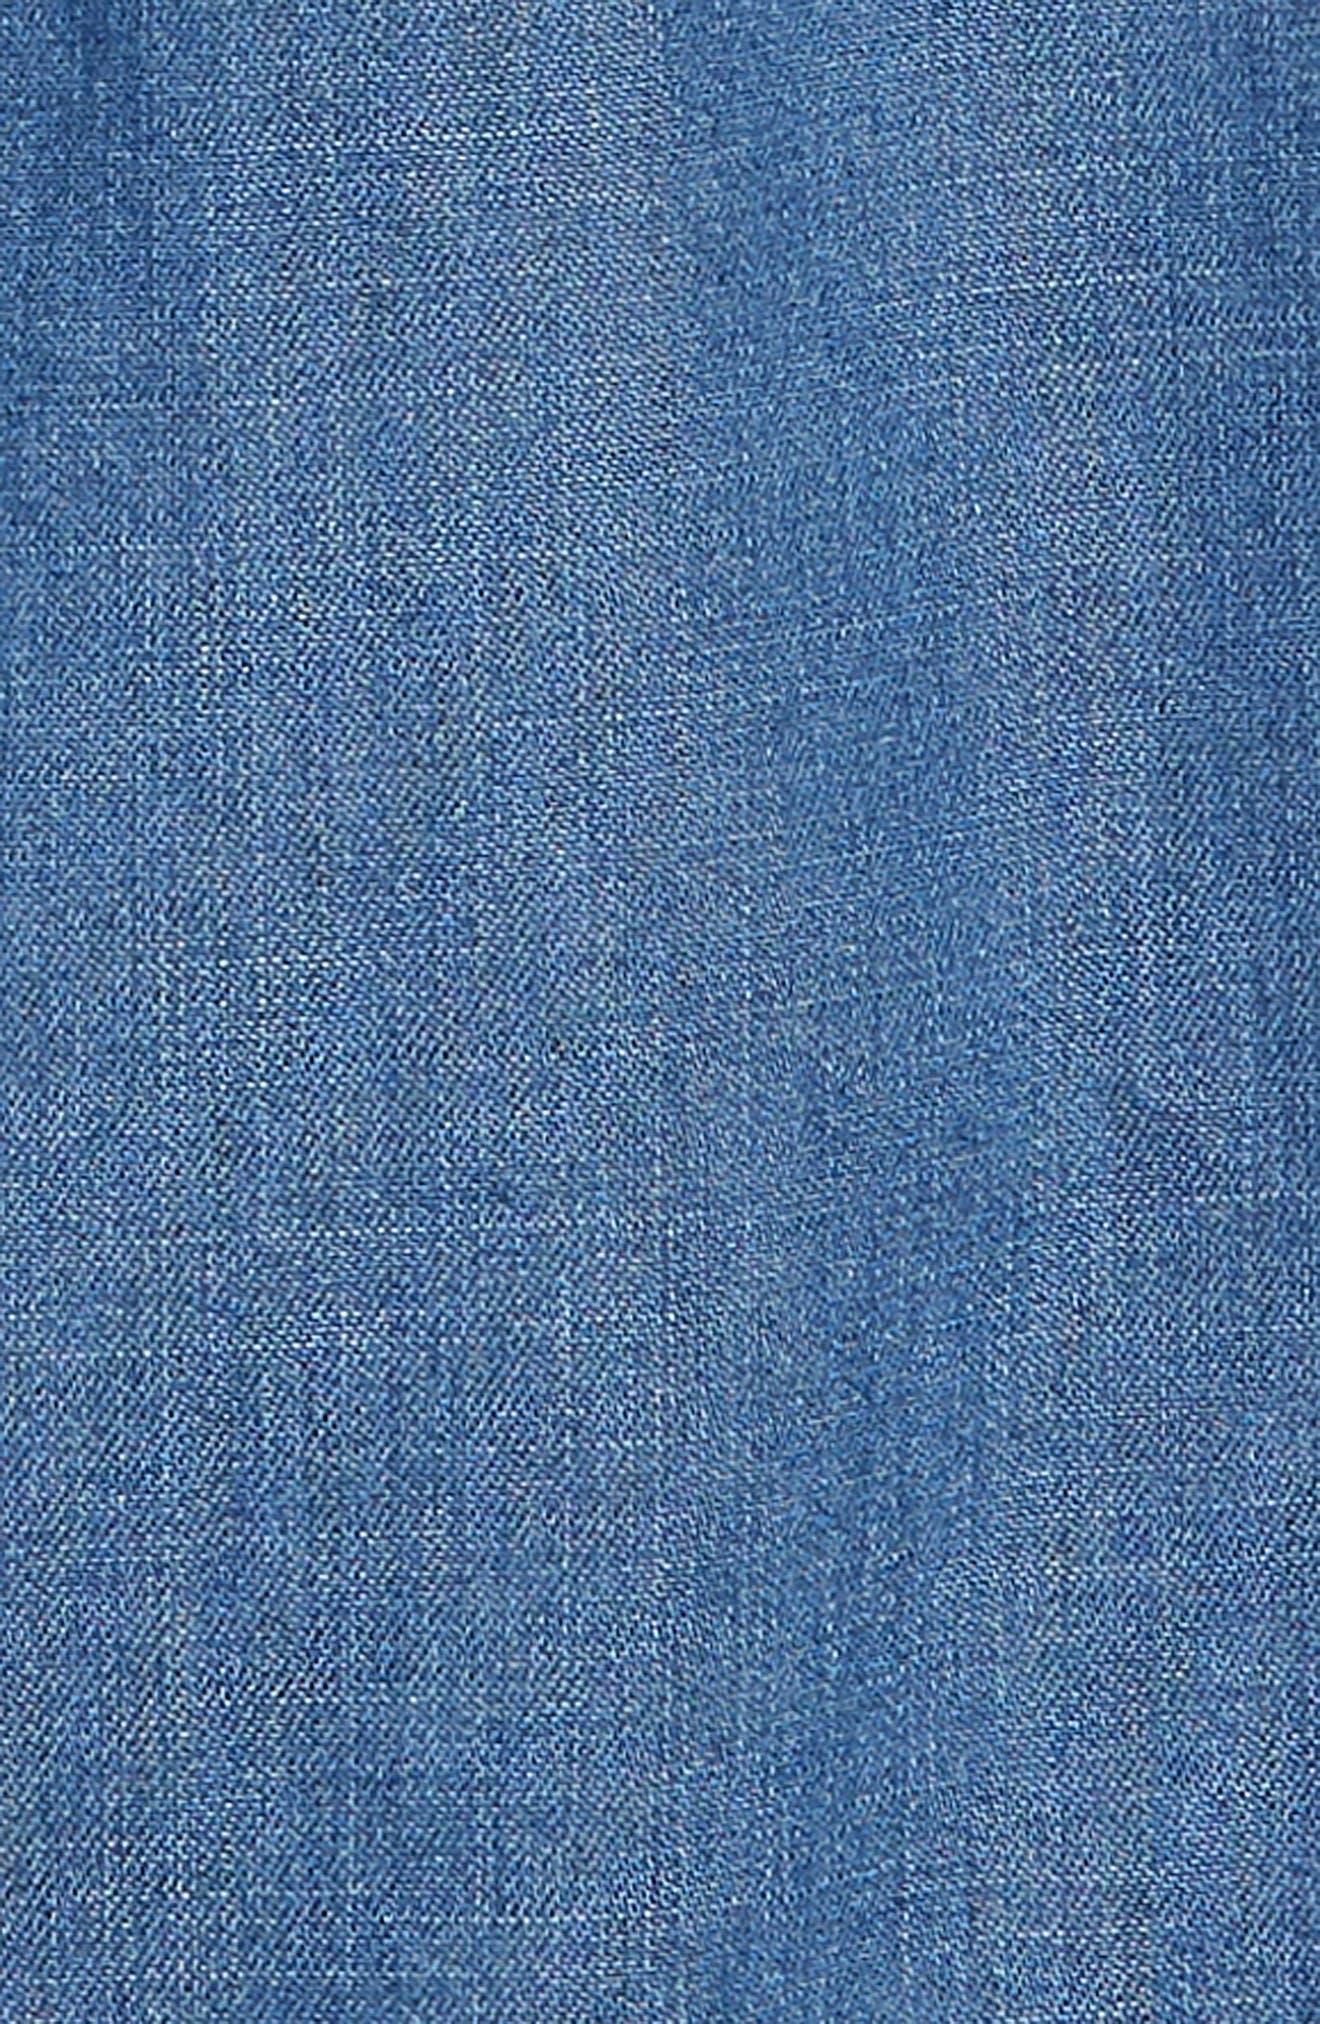 Animal Appliqué Denim Dress,                             Alternate thumbnail 3, color,                             469